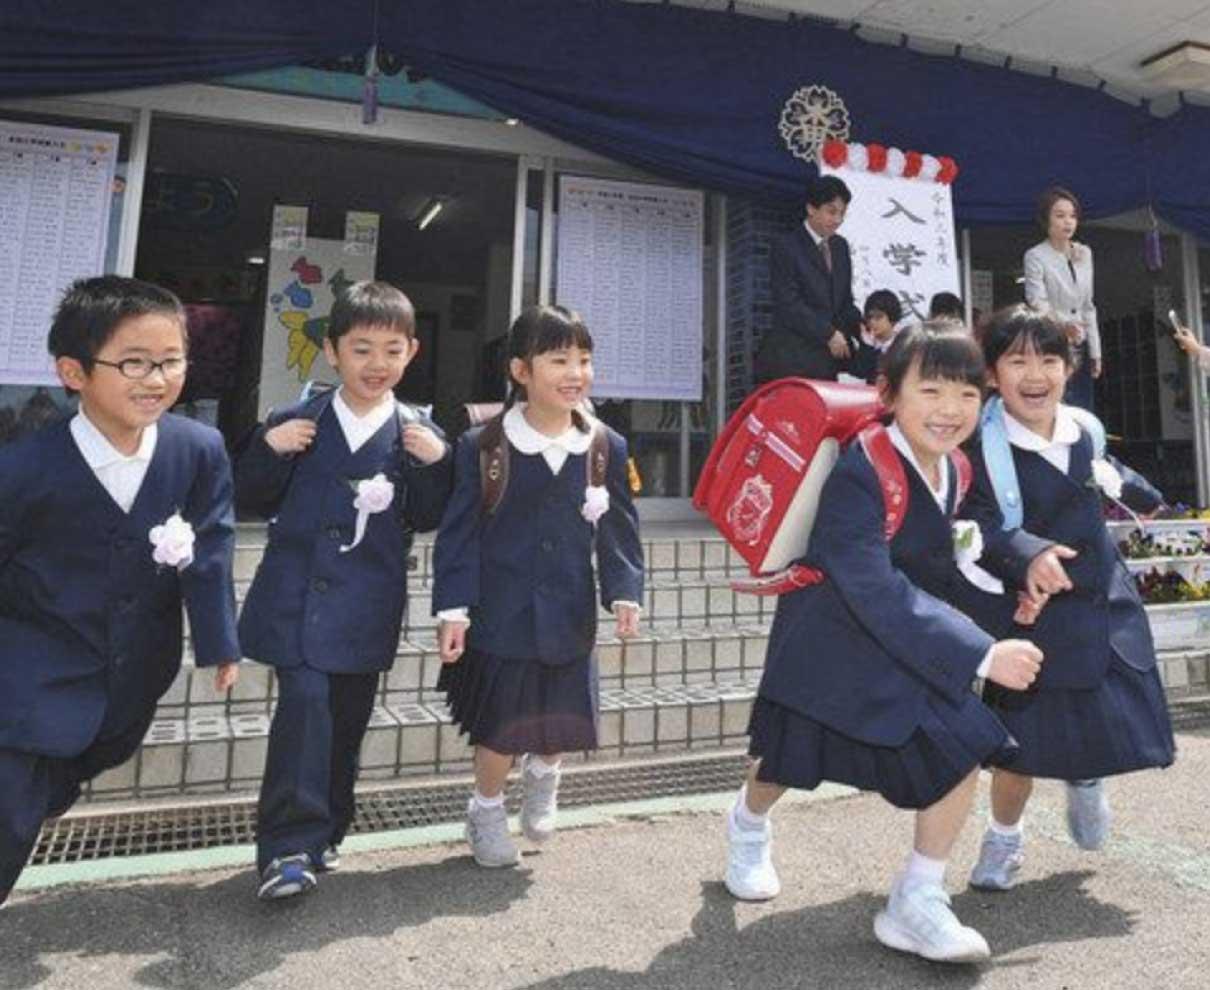 新1年生 わくわく 小中学校で入学式